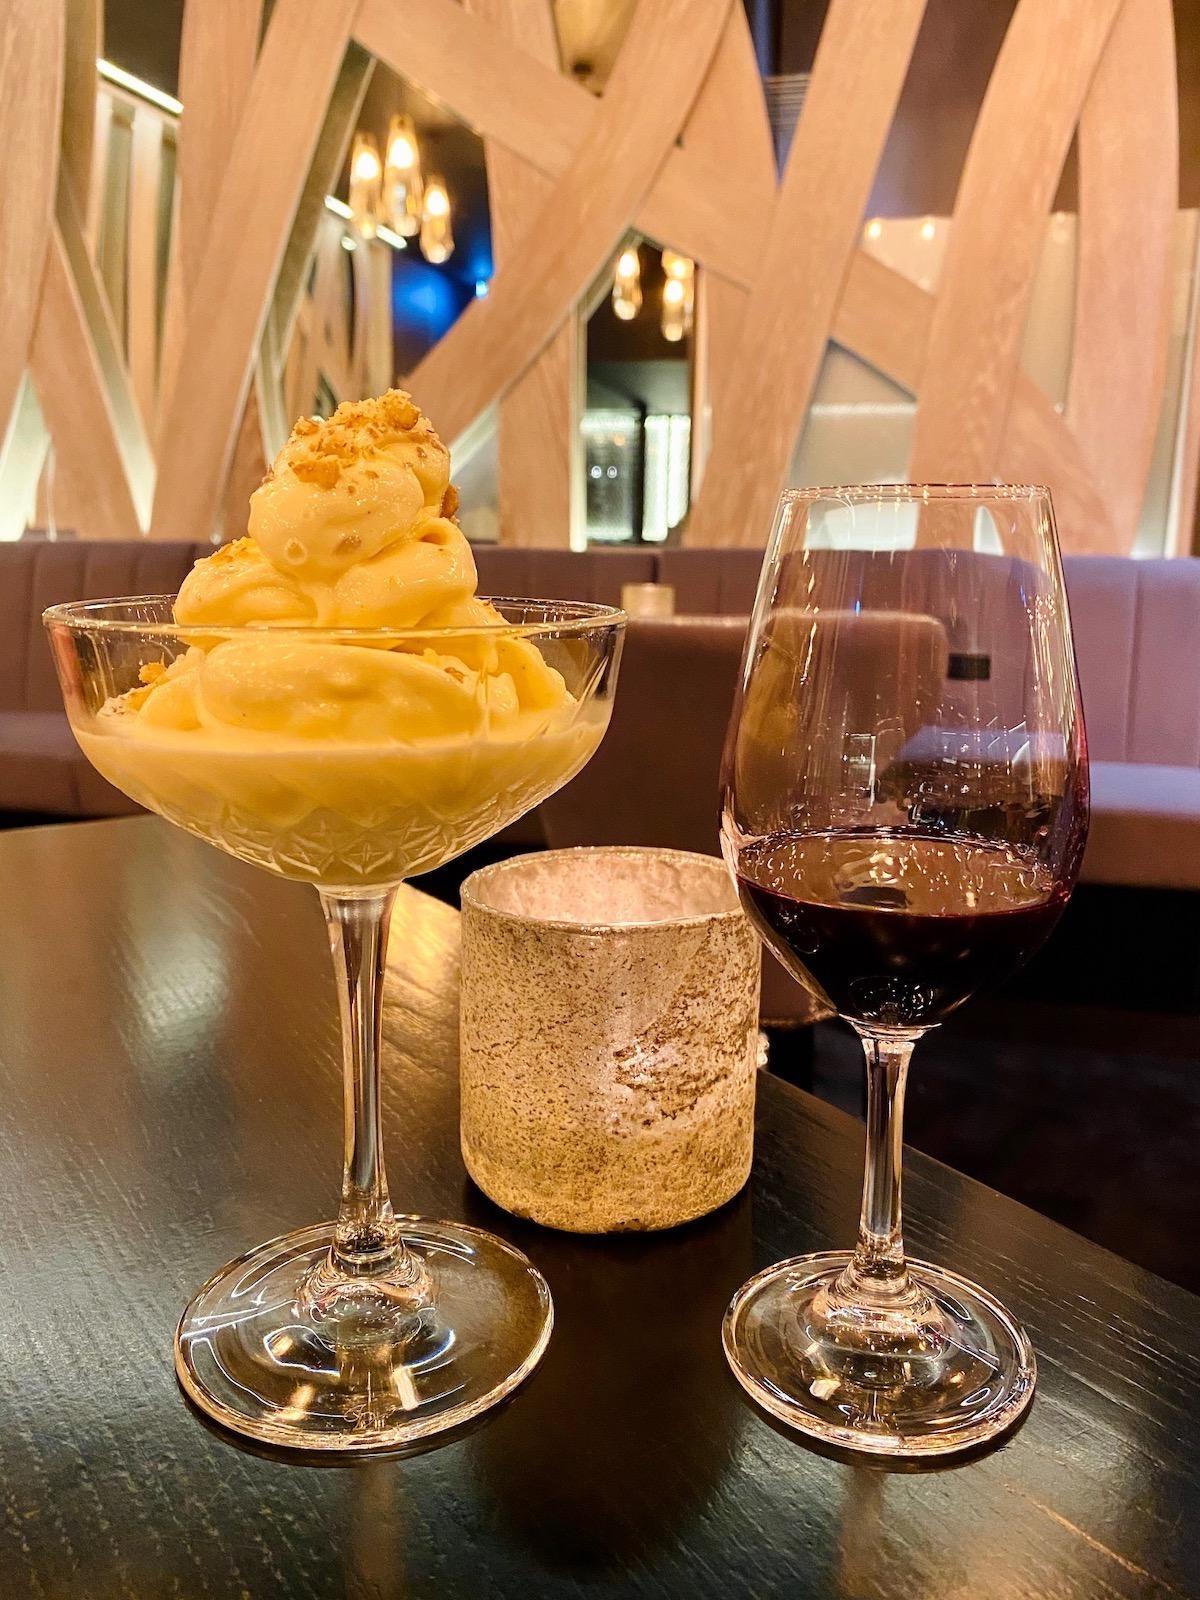 gaucho desserts